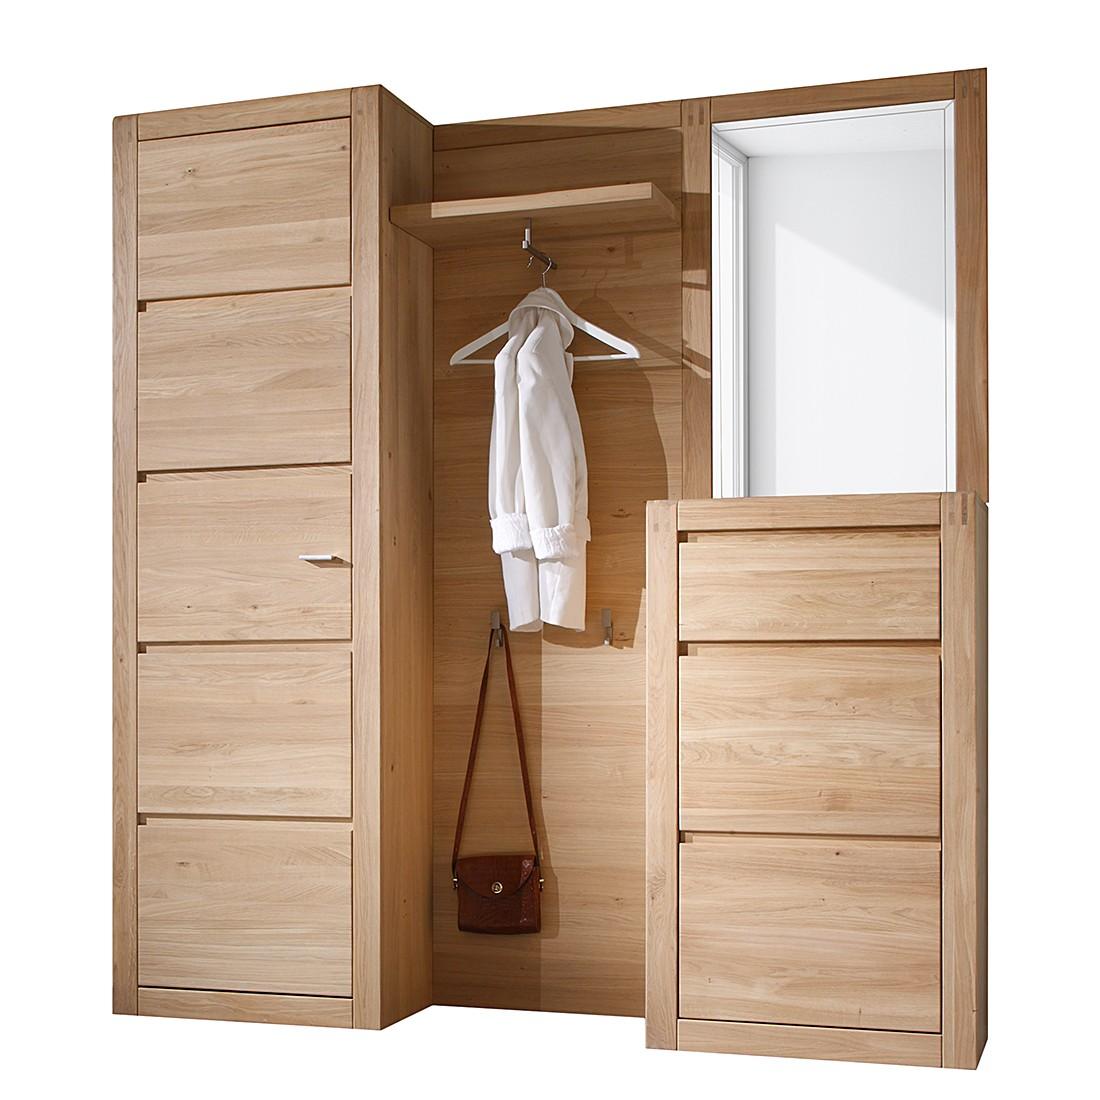 Garderobe Vigo (4-teilig) - Eiche teilmassiv - geölt & gewachst